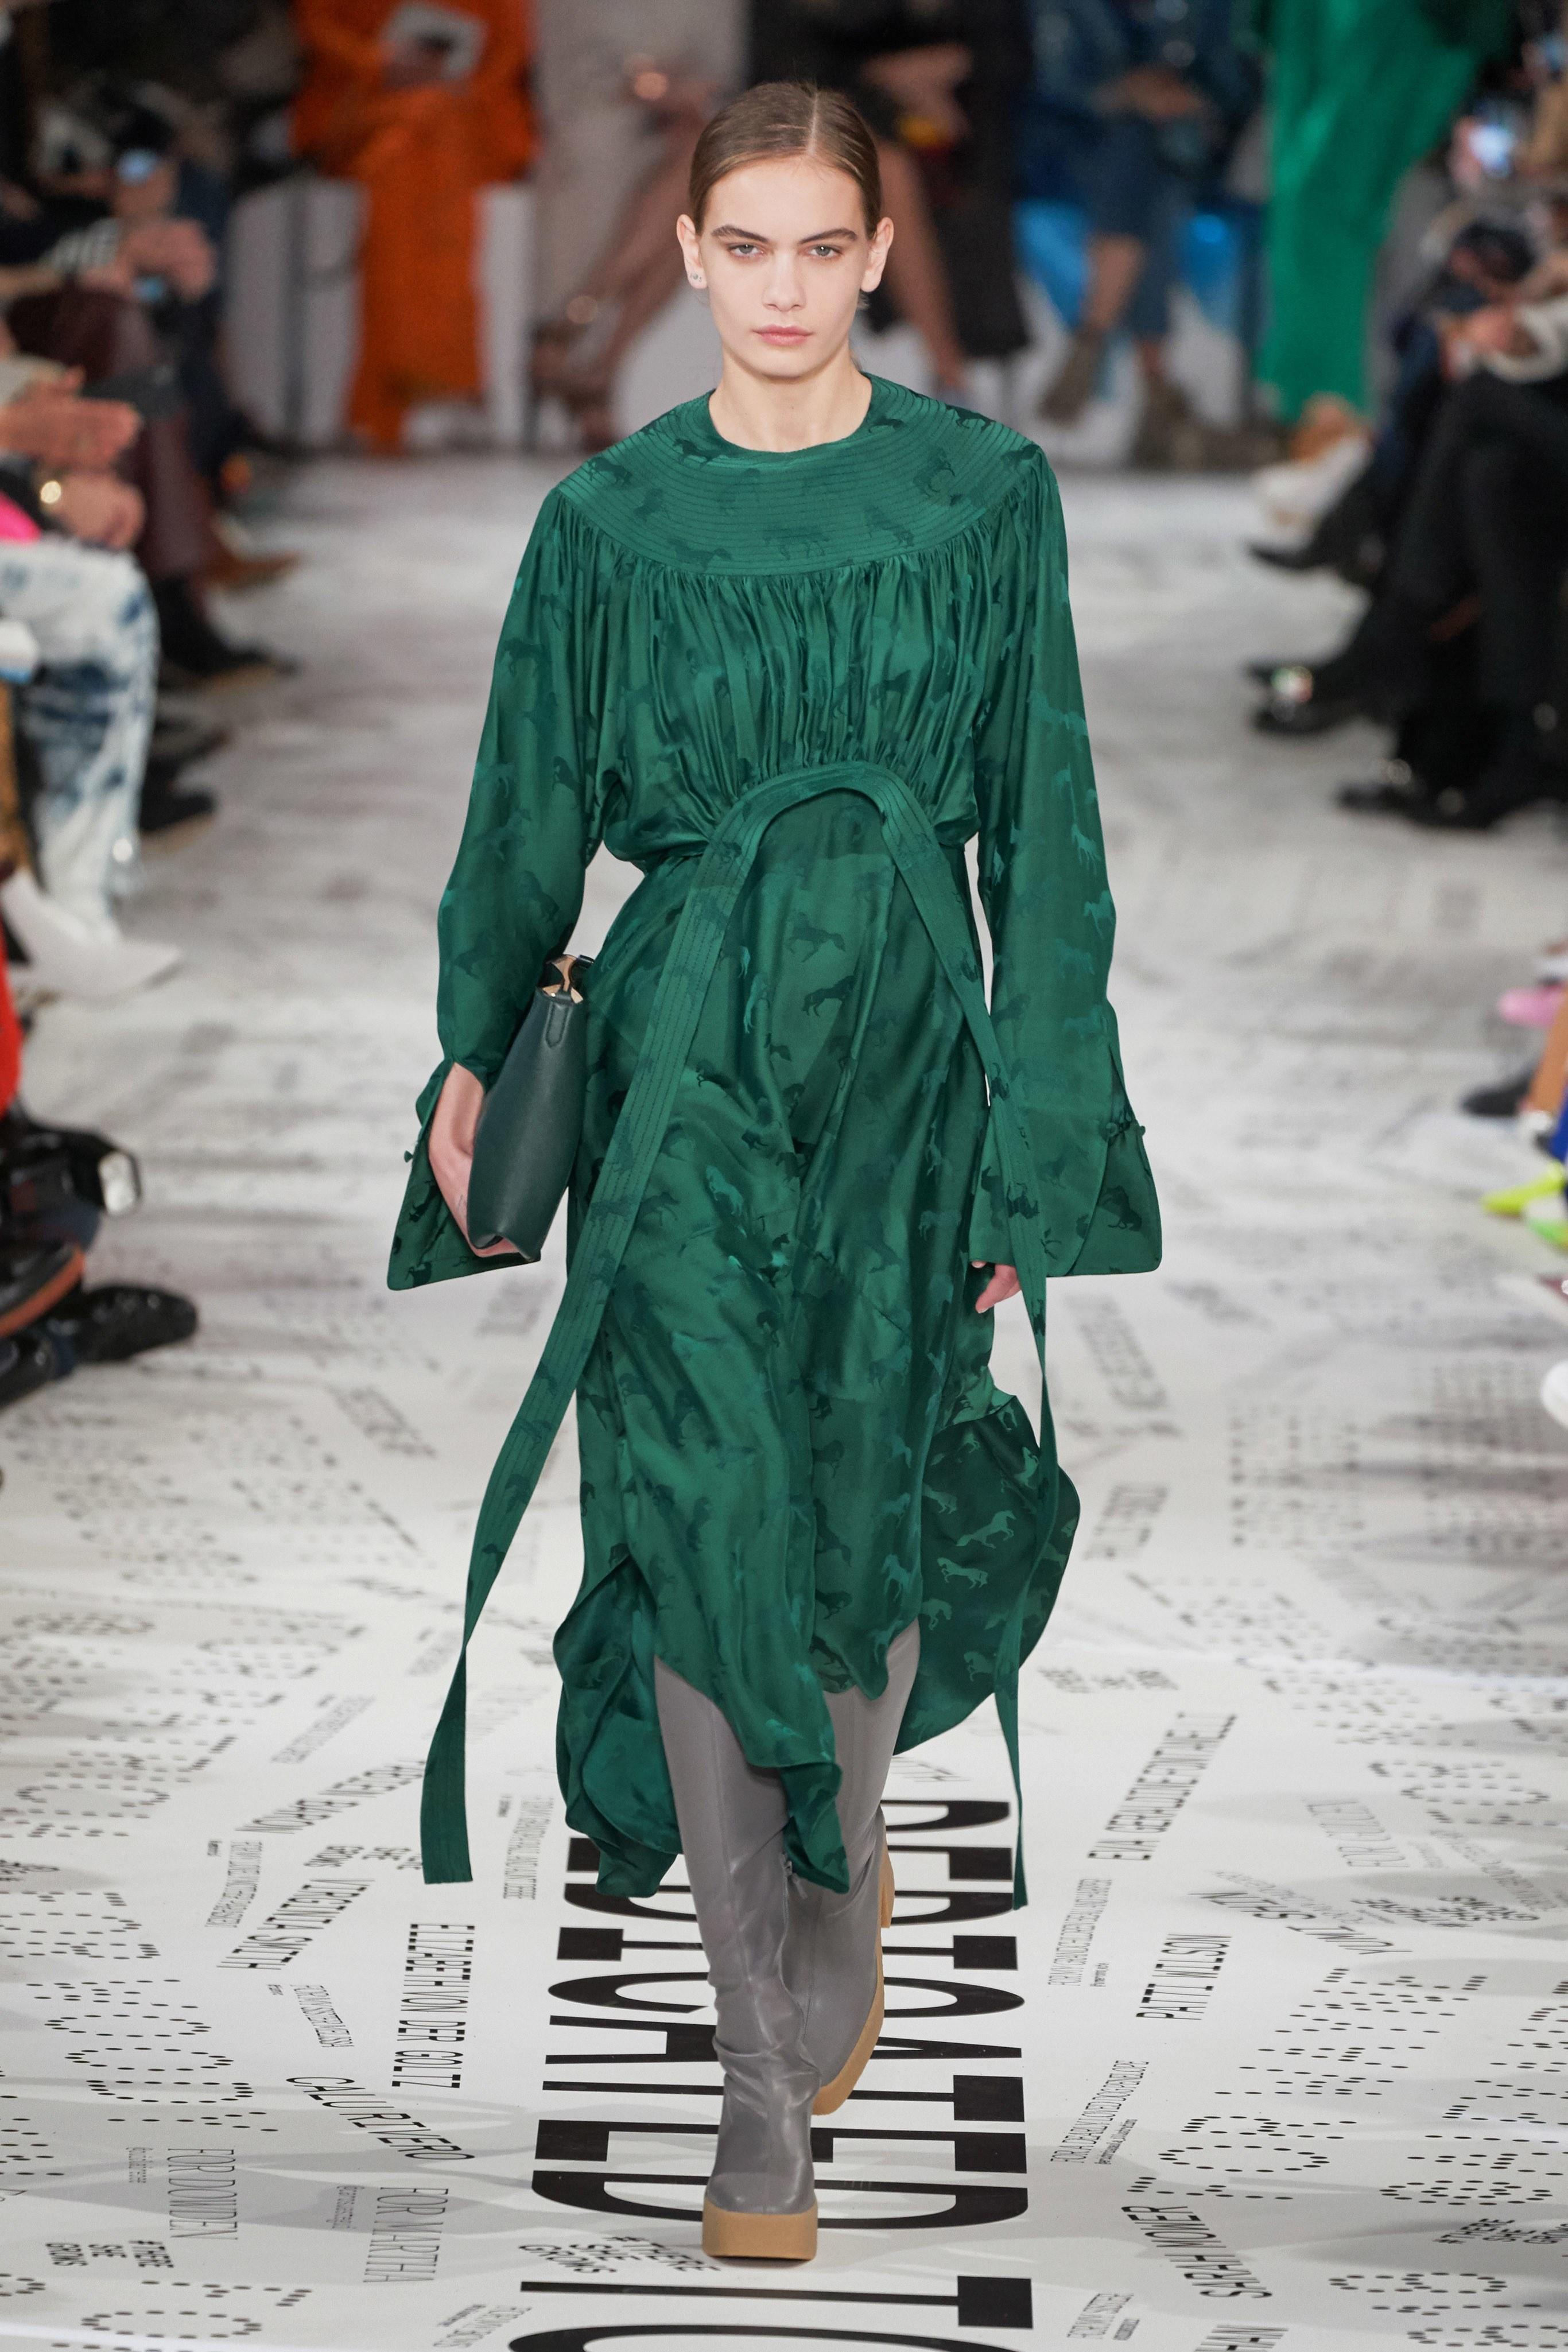 rochie-verde-2019